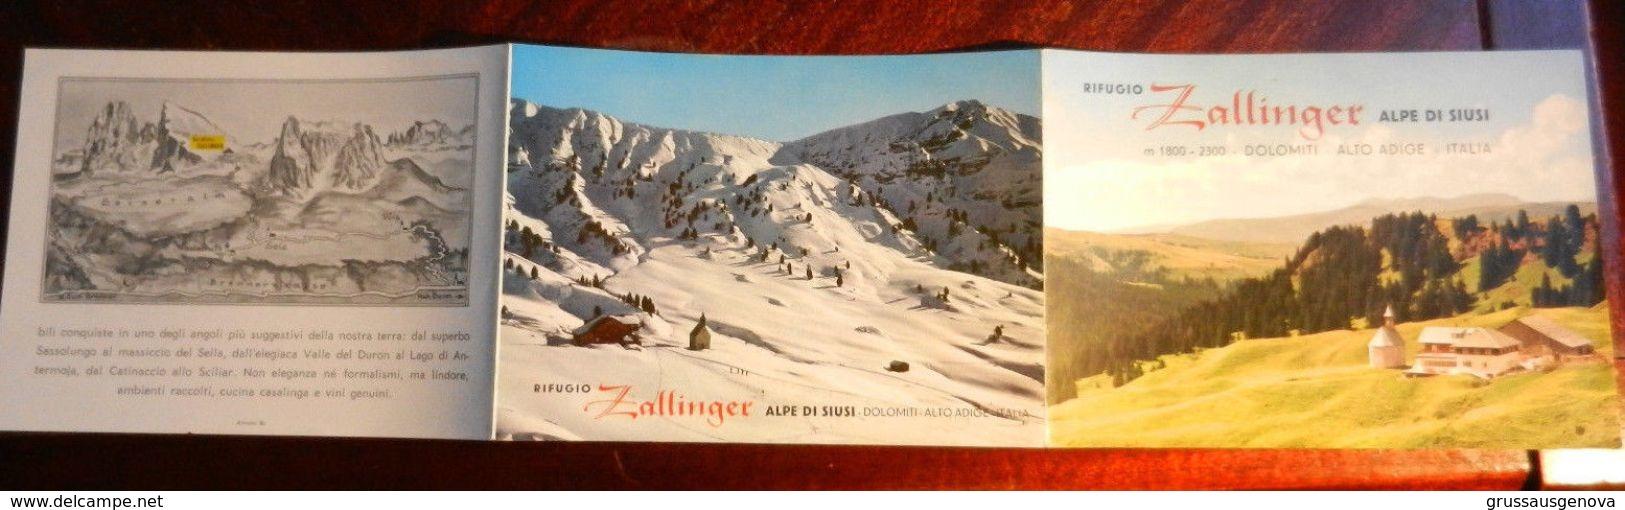 16124) RIFUGIO ZALLINGER ALPE DI SIUSI DOLOMITI BROCHURE FORMATO CARTOLINA - Bolzano (Bozen)